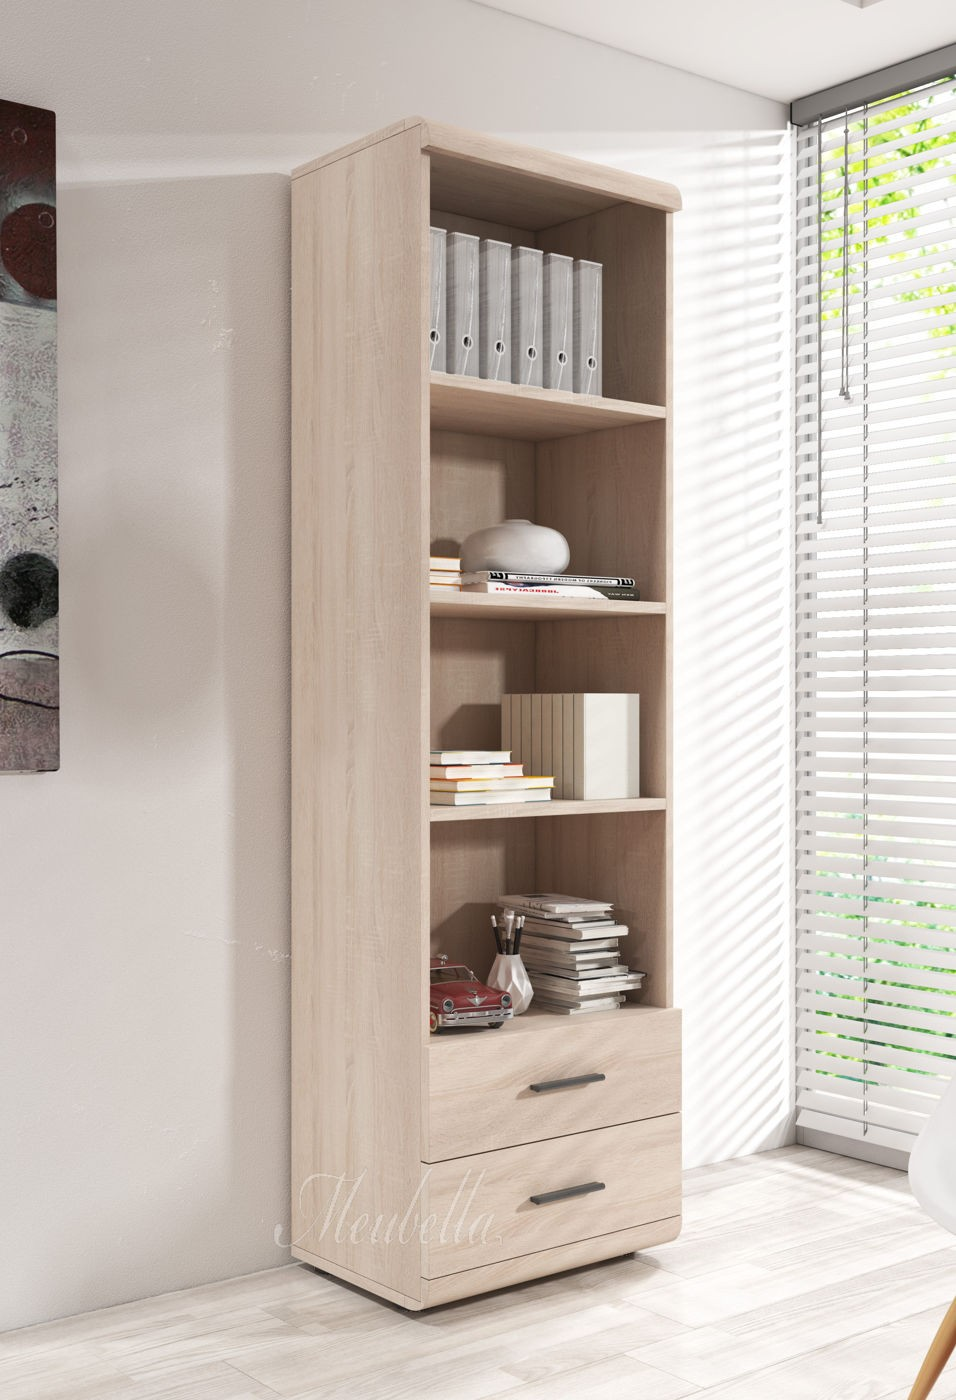 Kasten en vitrinekasten - Woonkamer | Meubella